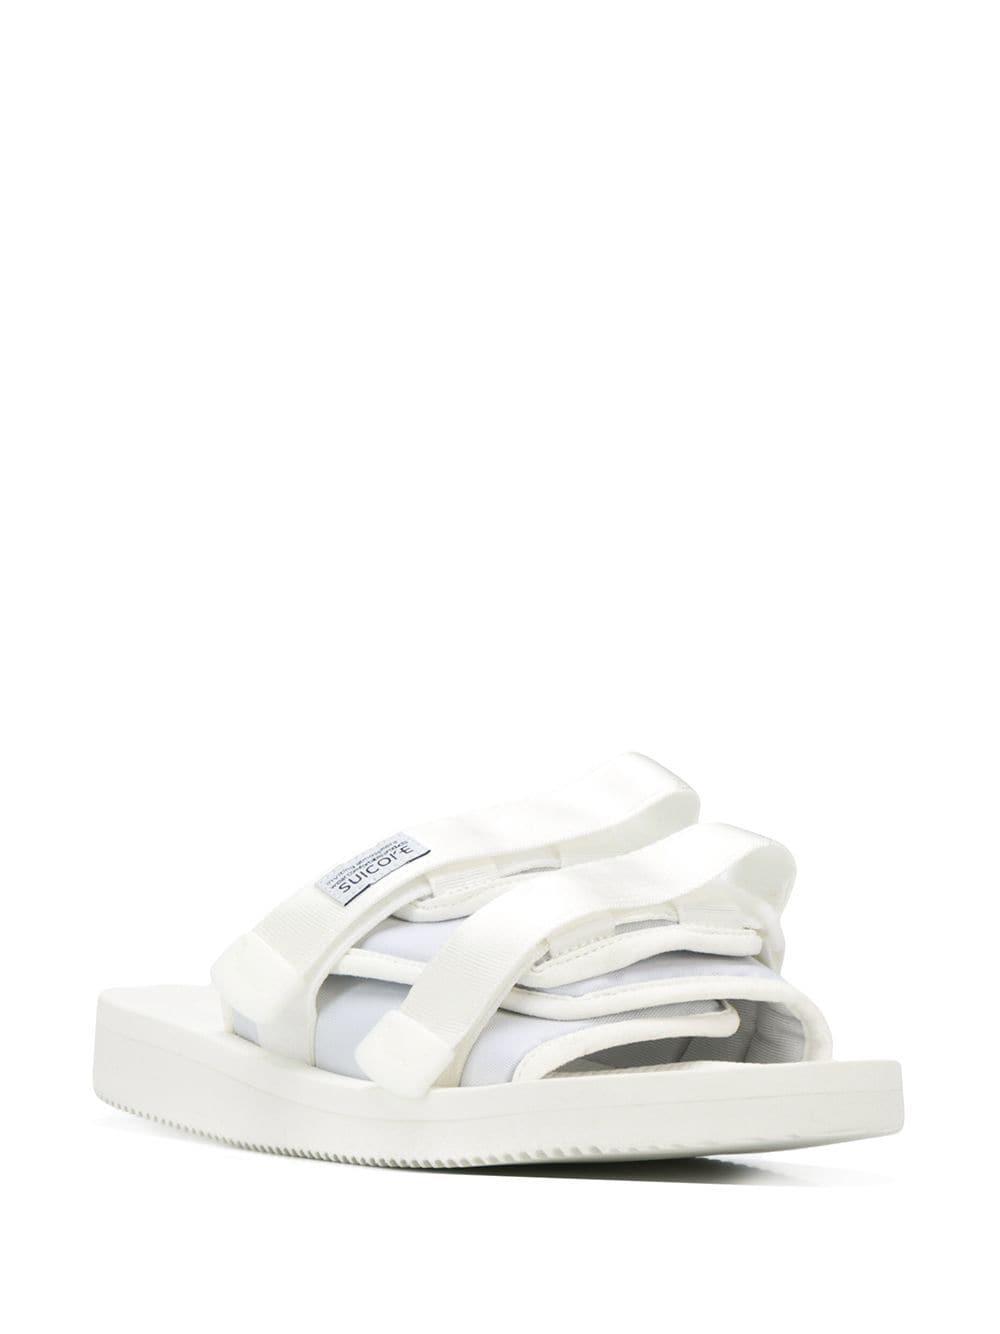 127328ae57e Suicoke - White Strapped Sliders for Men - Lyst. View fullscreen